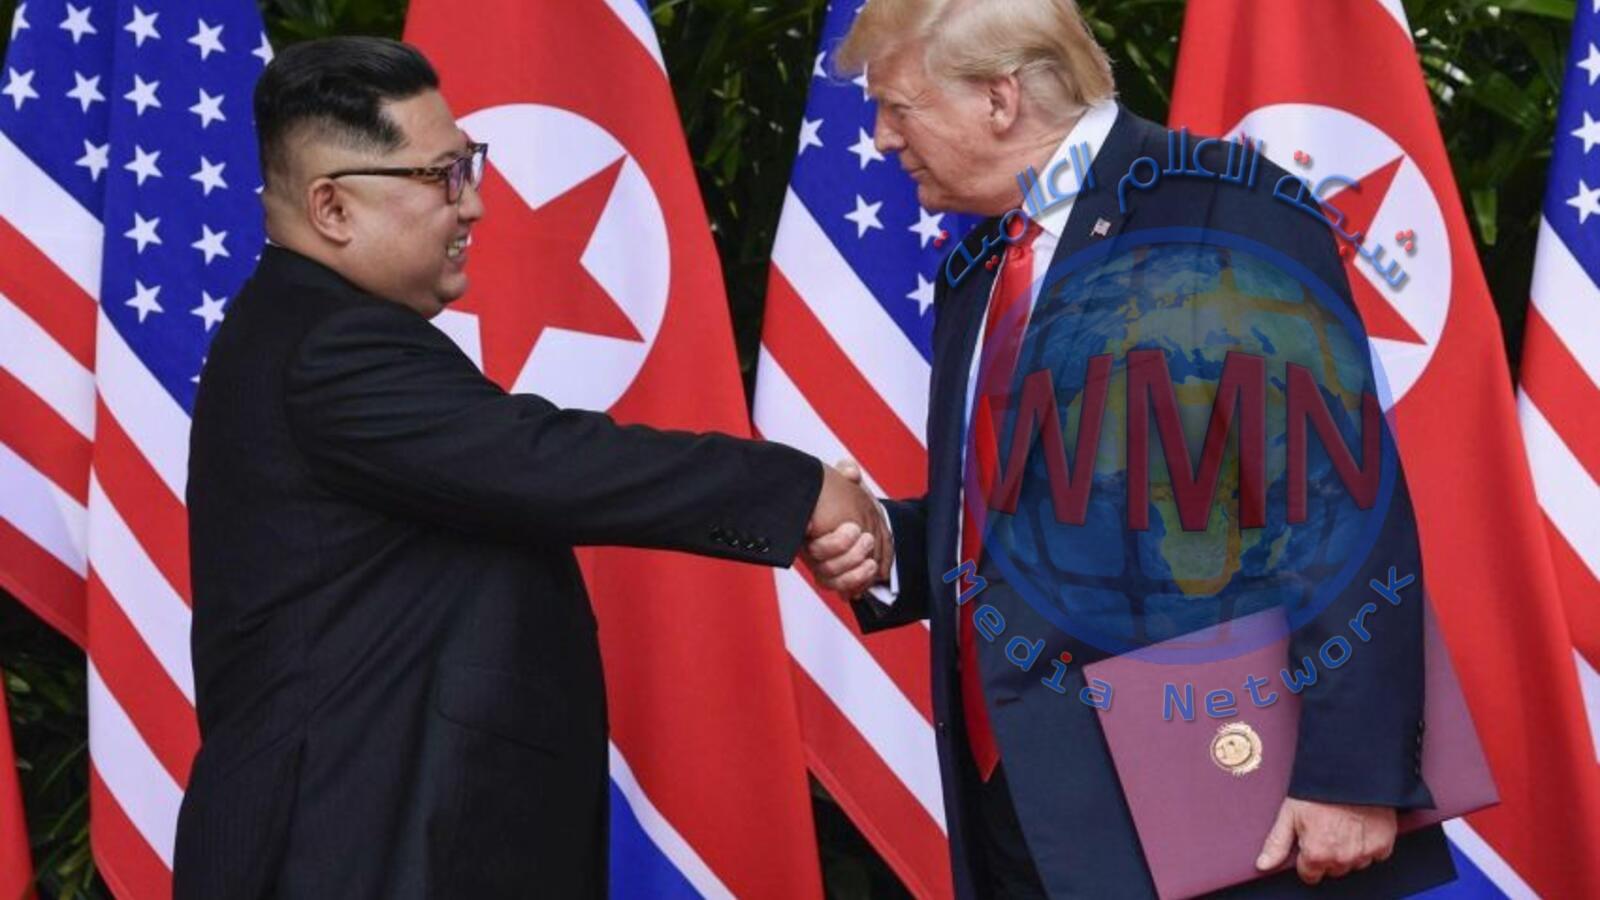 لقاء بين ترامب وكيم بالمنطقة منزوعة السلاح بين الكوريتين